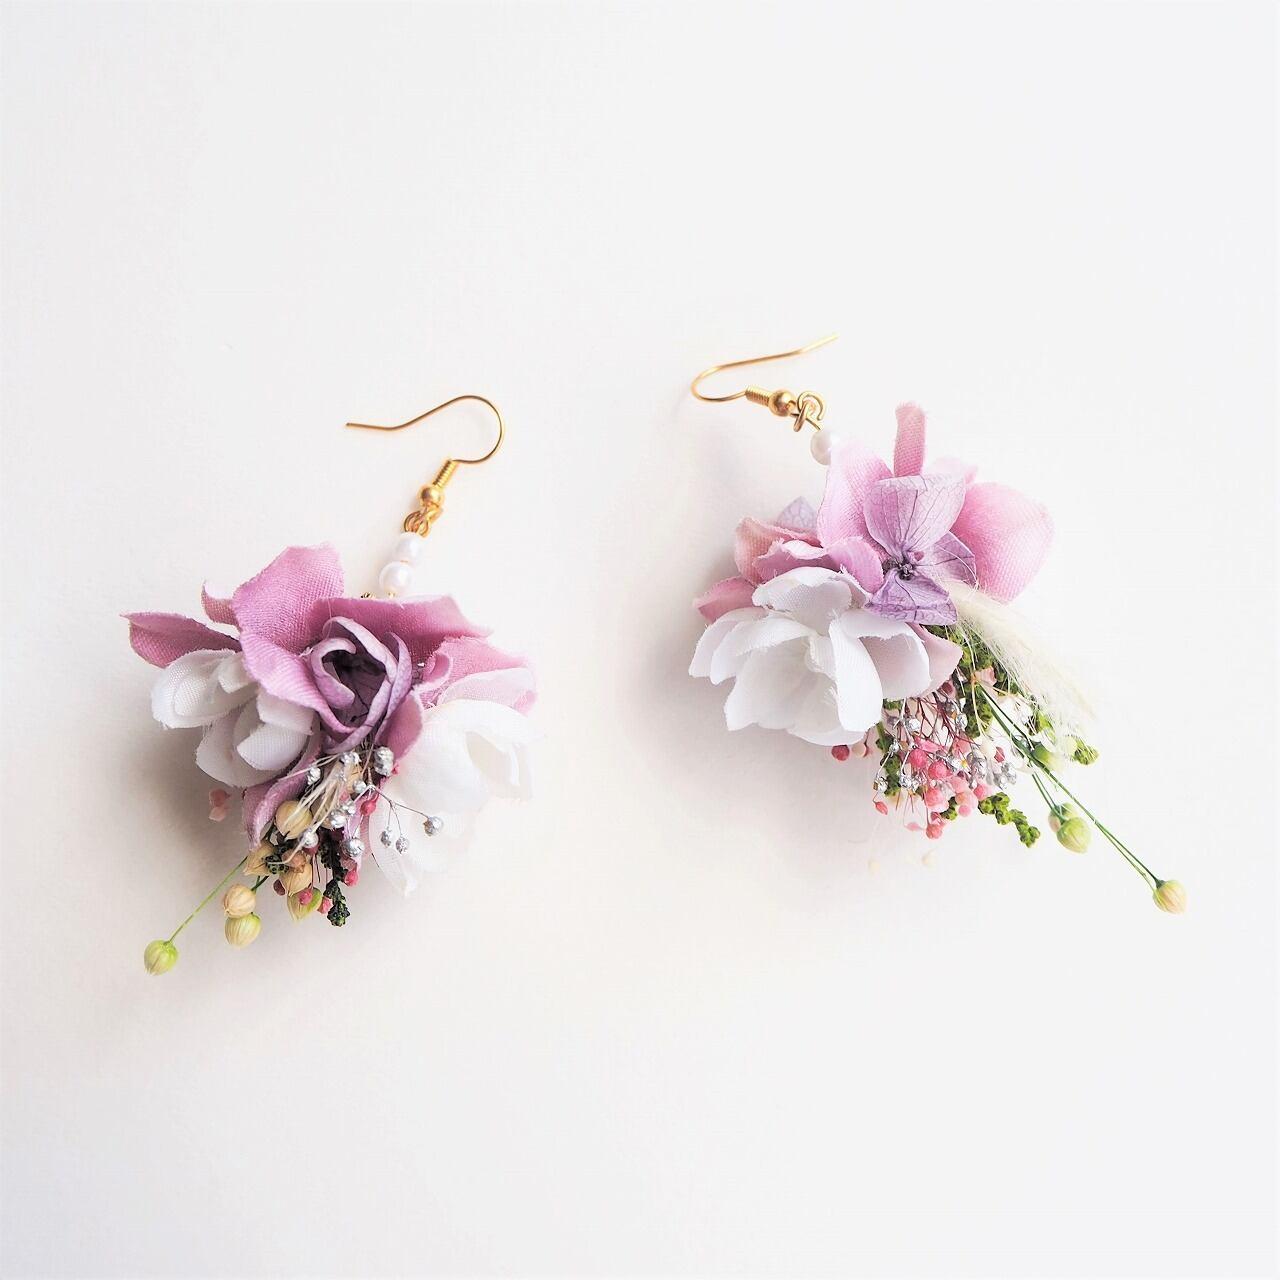 04フラワースワッグピアス・イヤリング(鮮やかなピンク・紫色・シルバー)